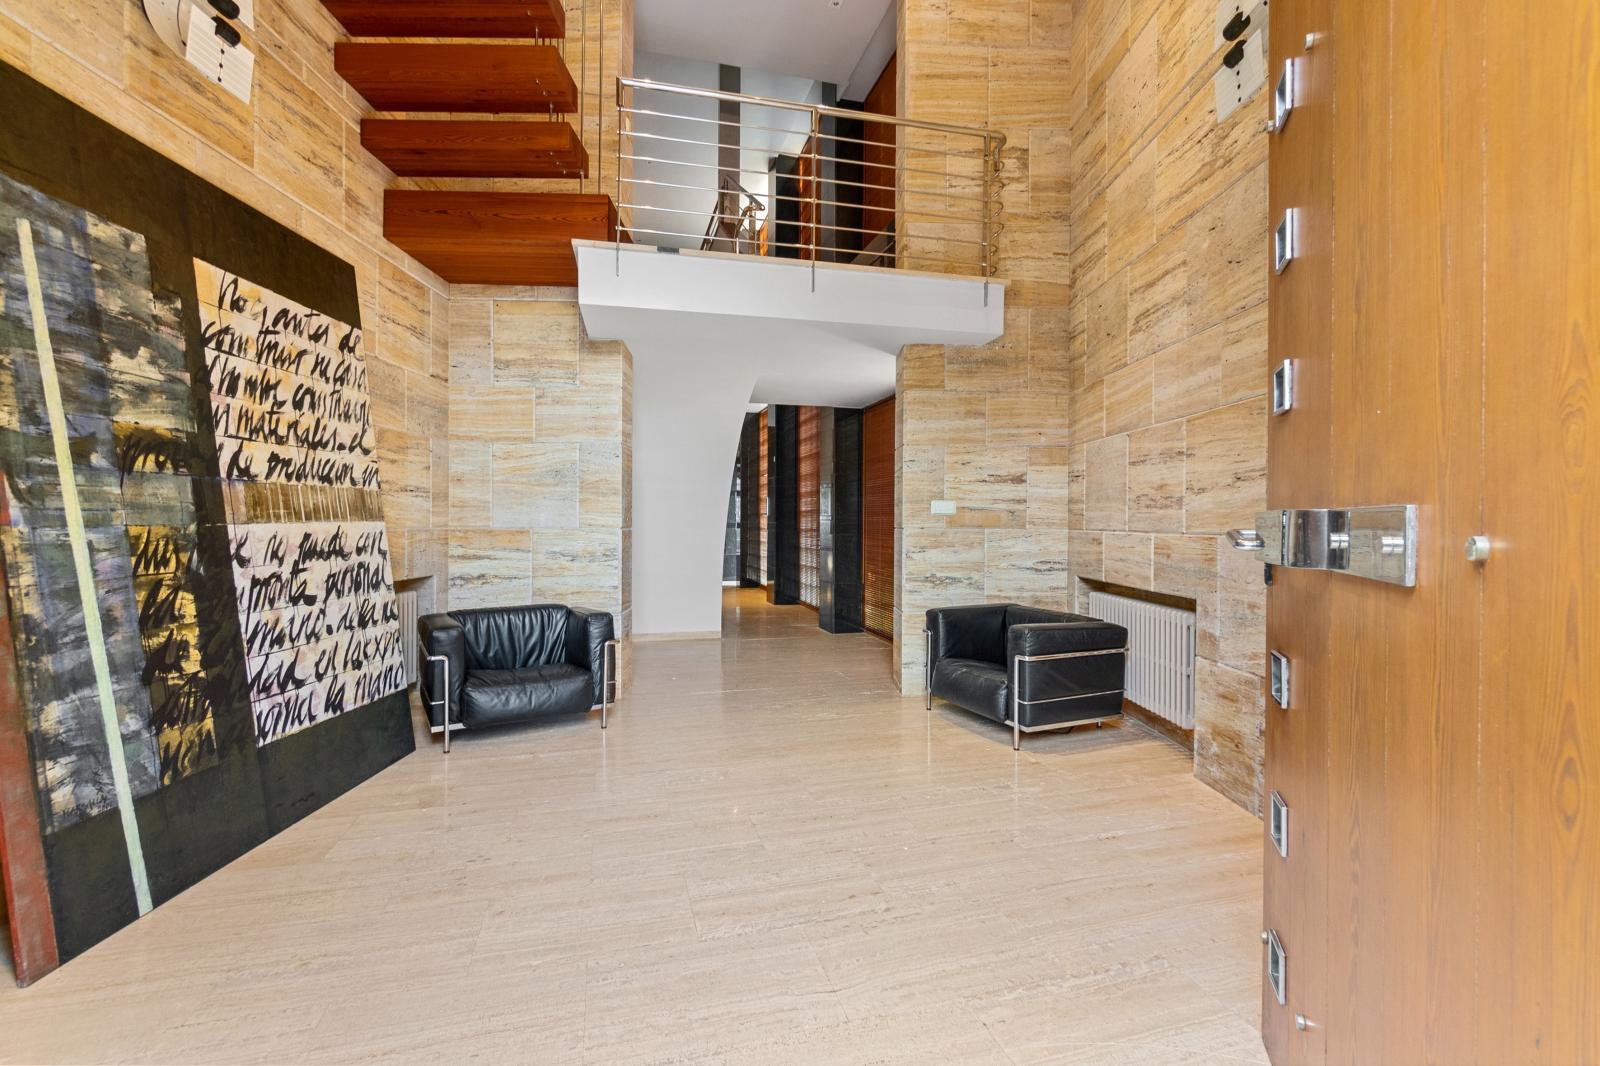 64977240 3223954 foto127967708 - Lujo, diseño y funcionalidad en esta villa en Campoamor (Alicante)